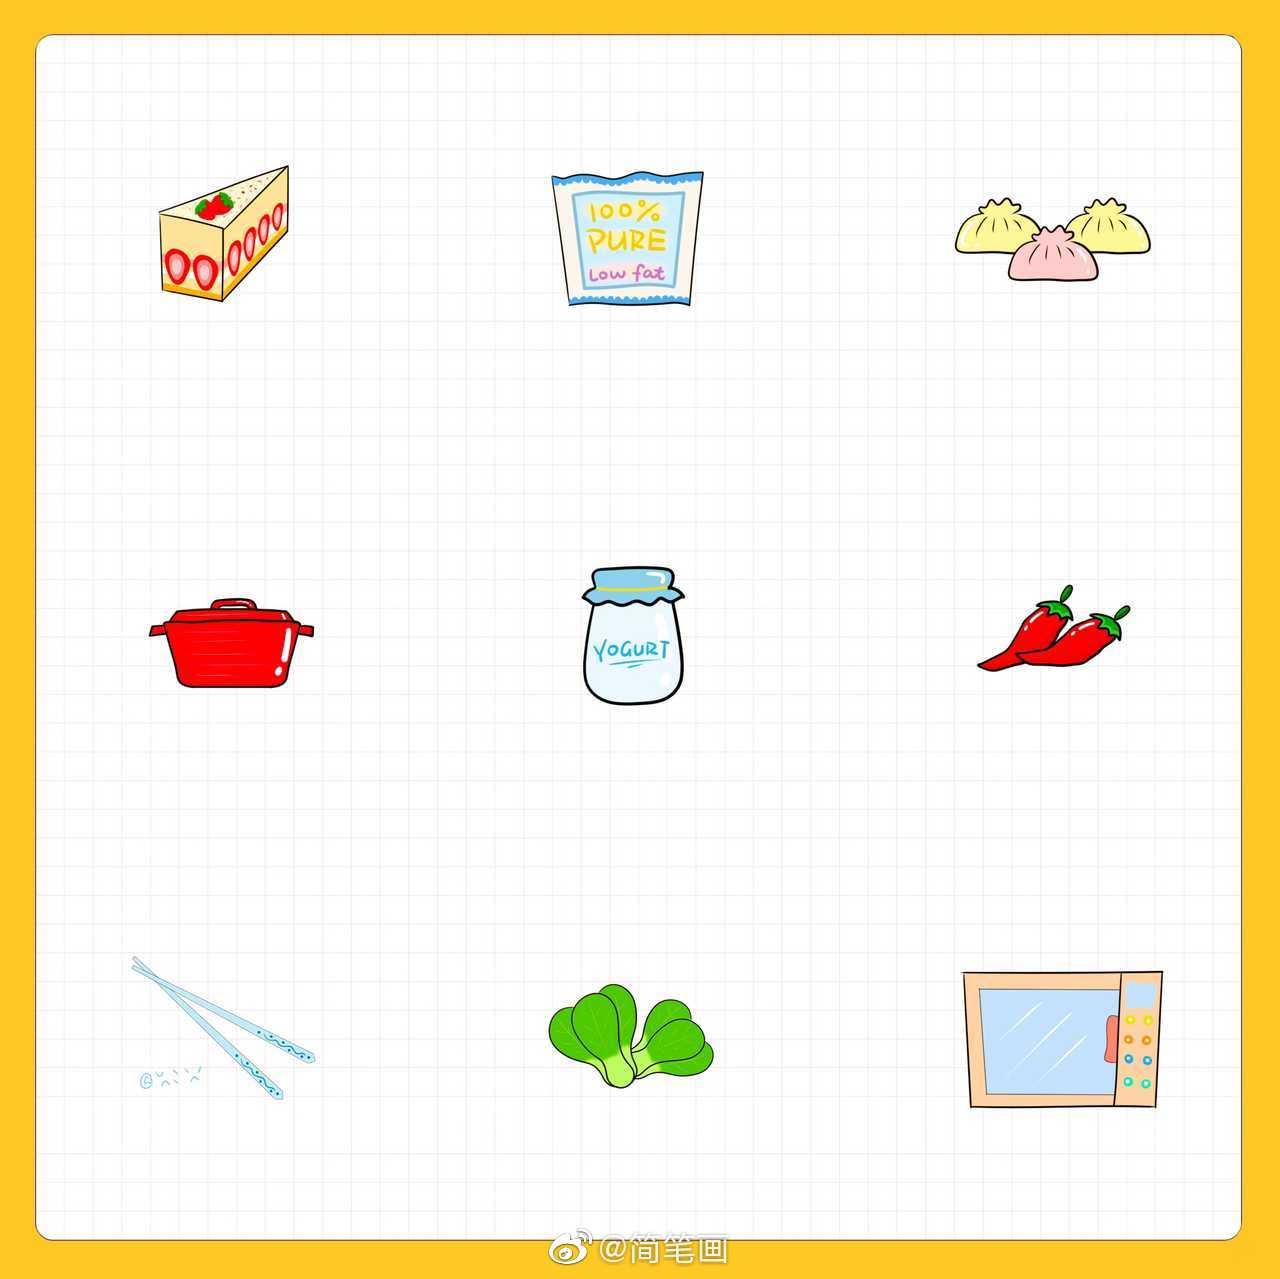 一组厨房主题简笔画(投稿:@妃法律事务所)